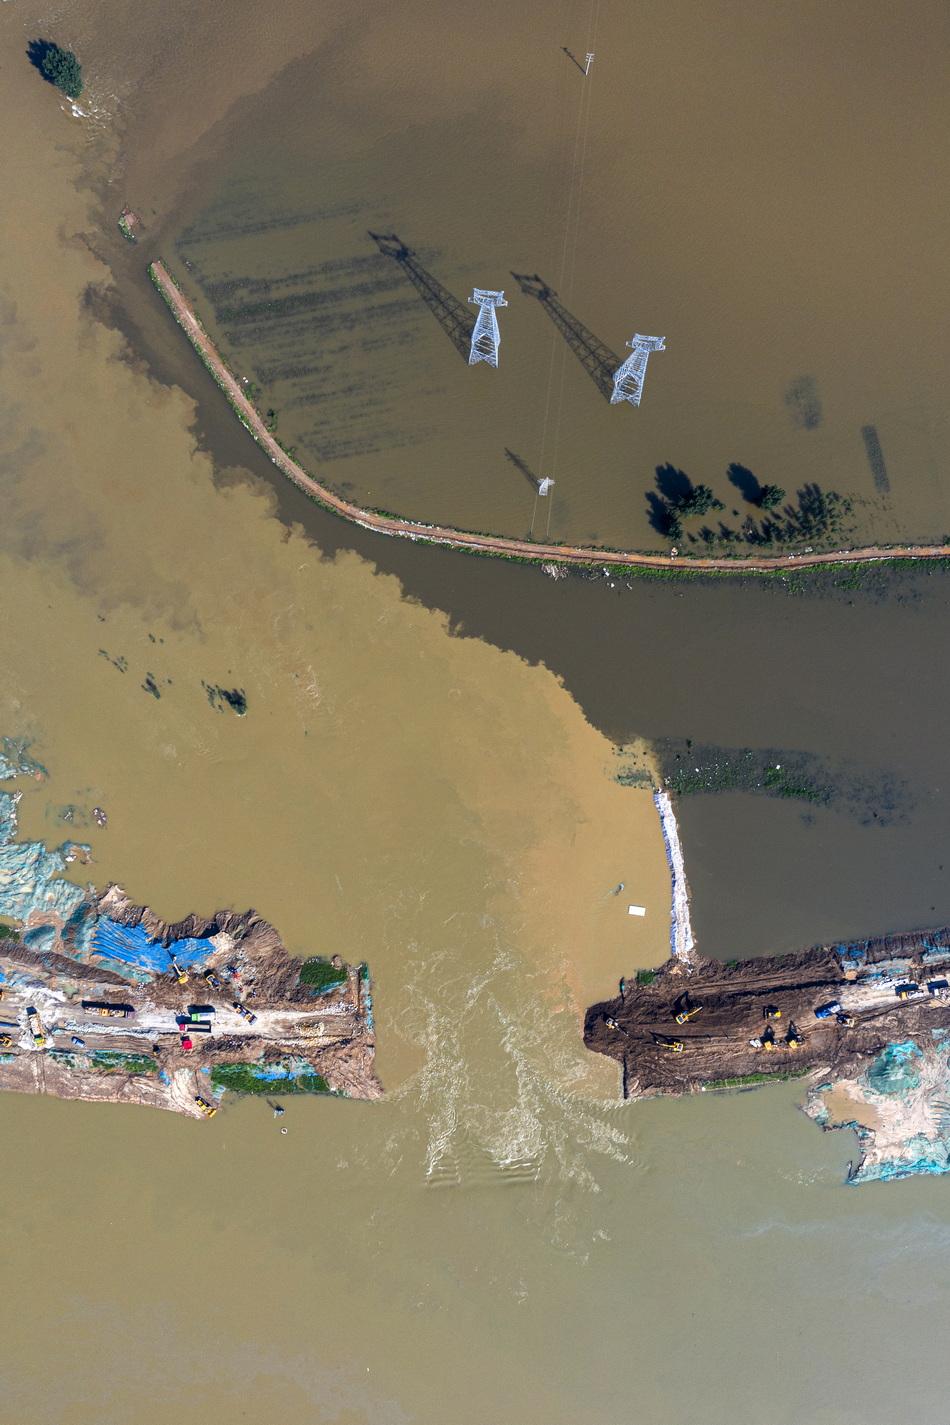 2021年7月24日,河南新乡市卫辉市工业路牧野大桥段共产主义渠出现决口。决口导致河水漫灌至城区。本文图片均为澎湃新闻记者 孙湛 图